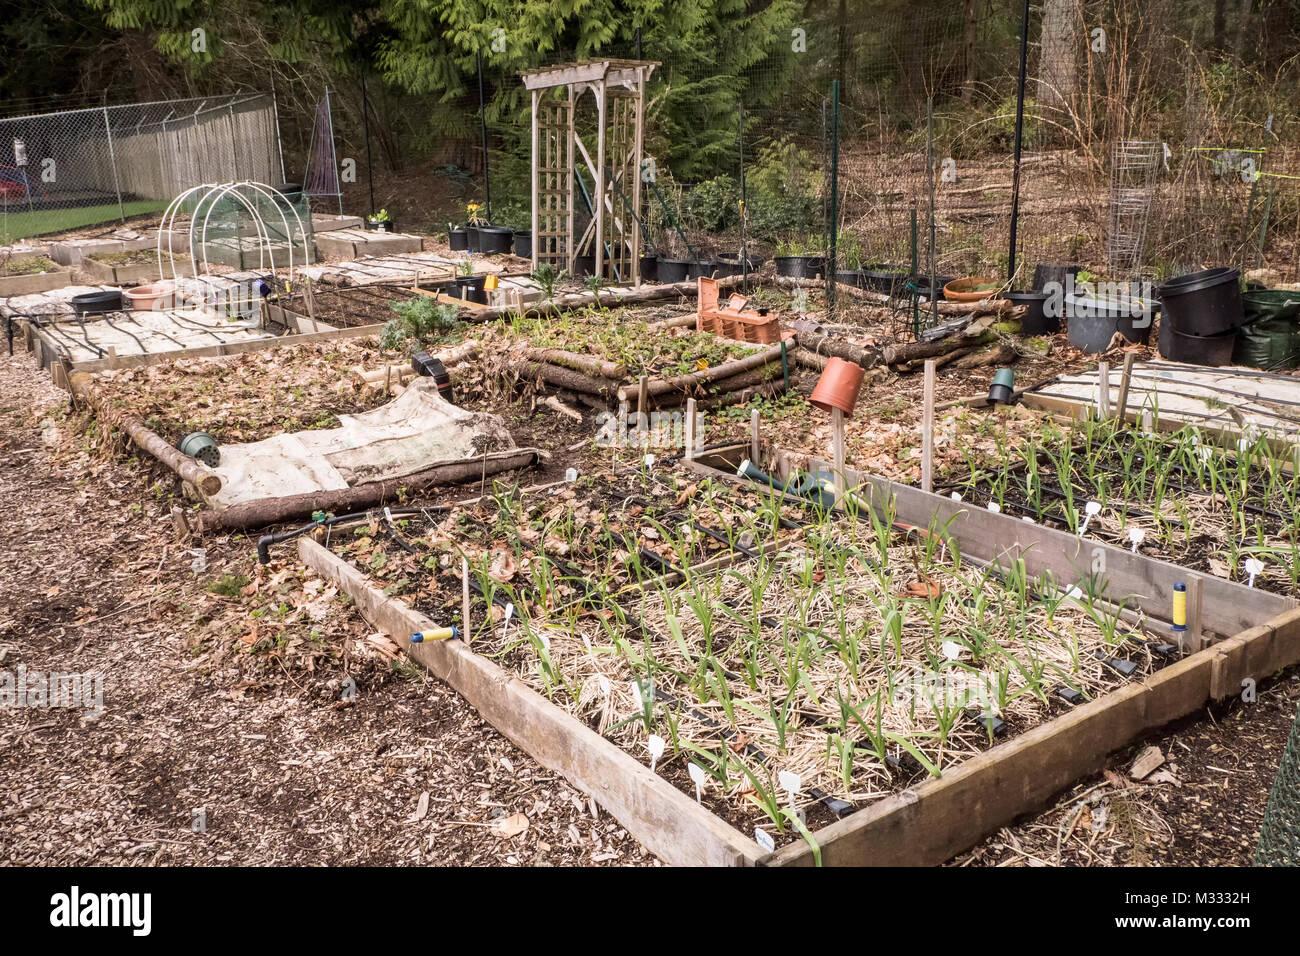 Straw Mulch Garden Stock Photos & Straw Mulch Garden Stock Images ...